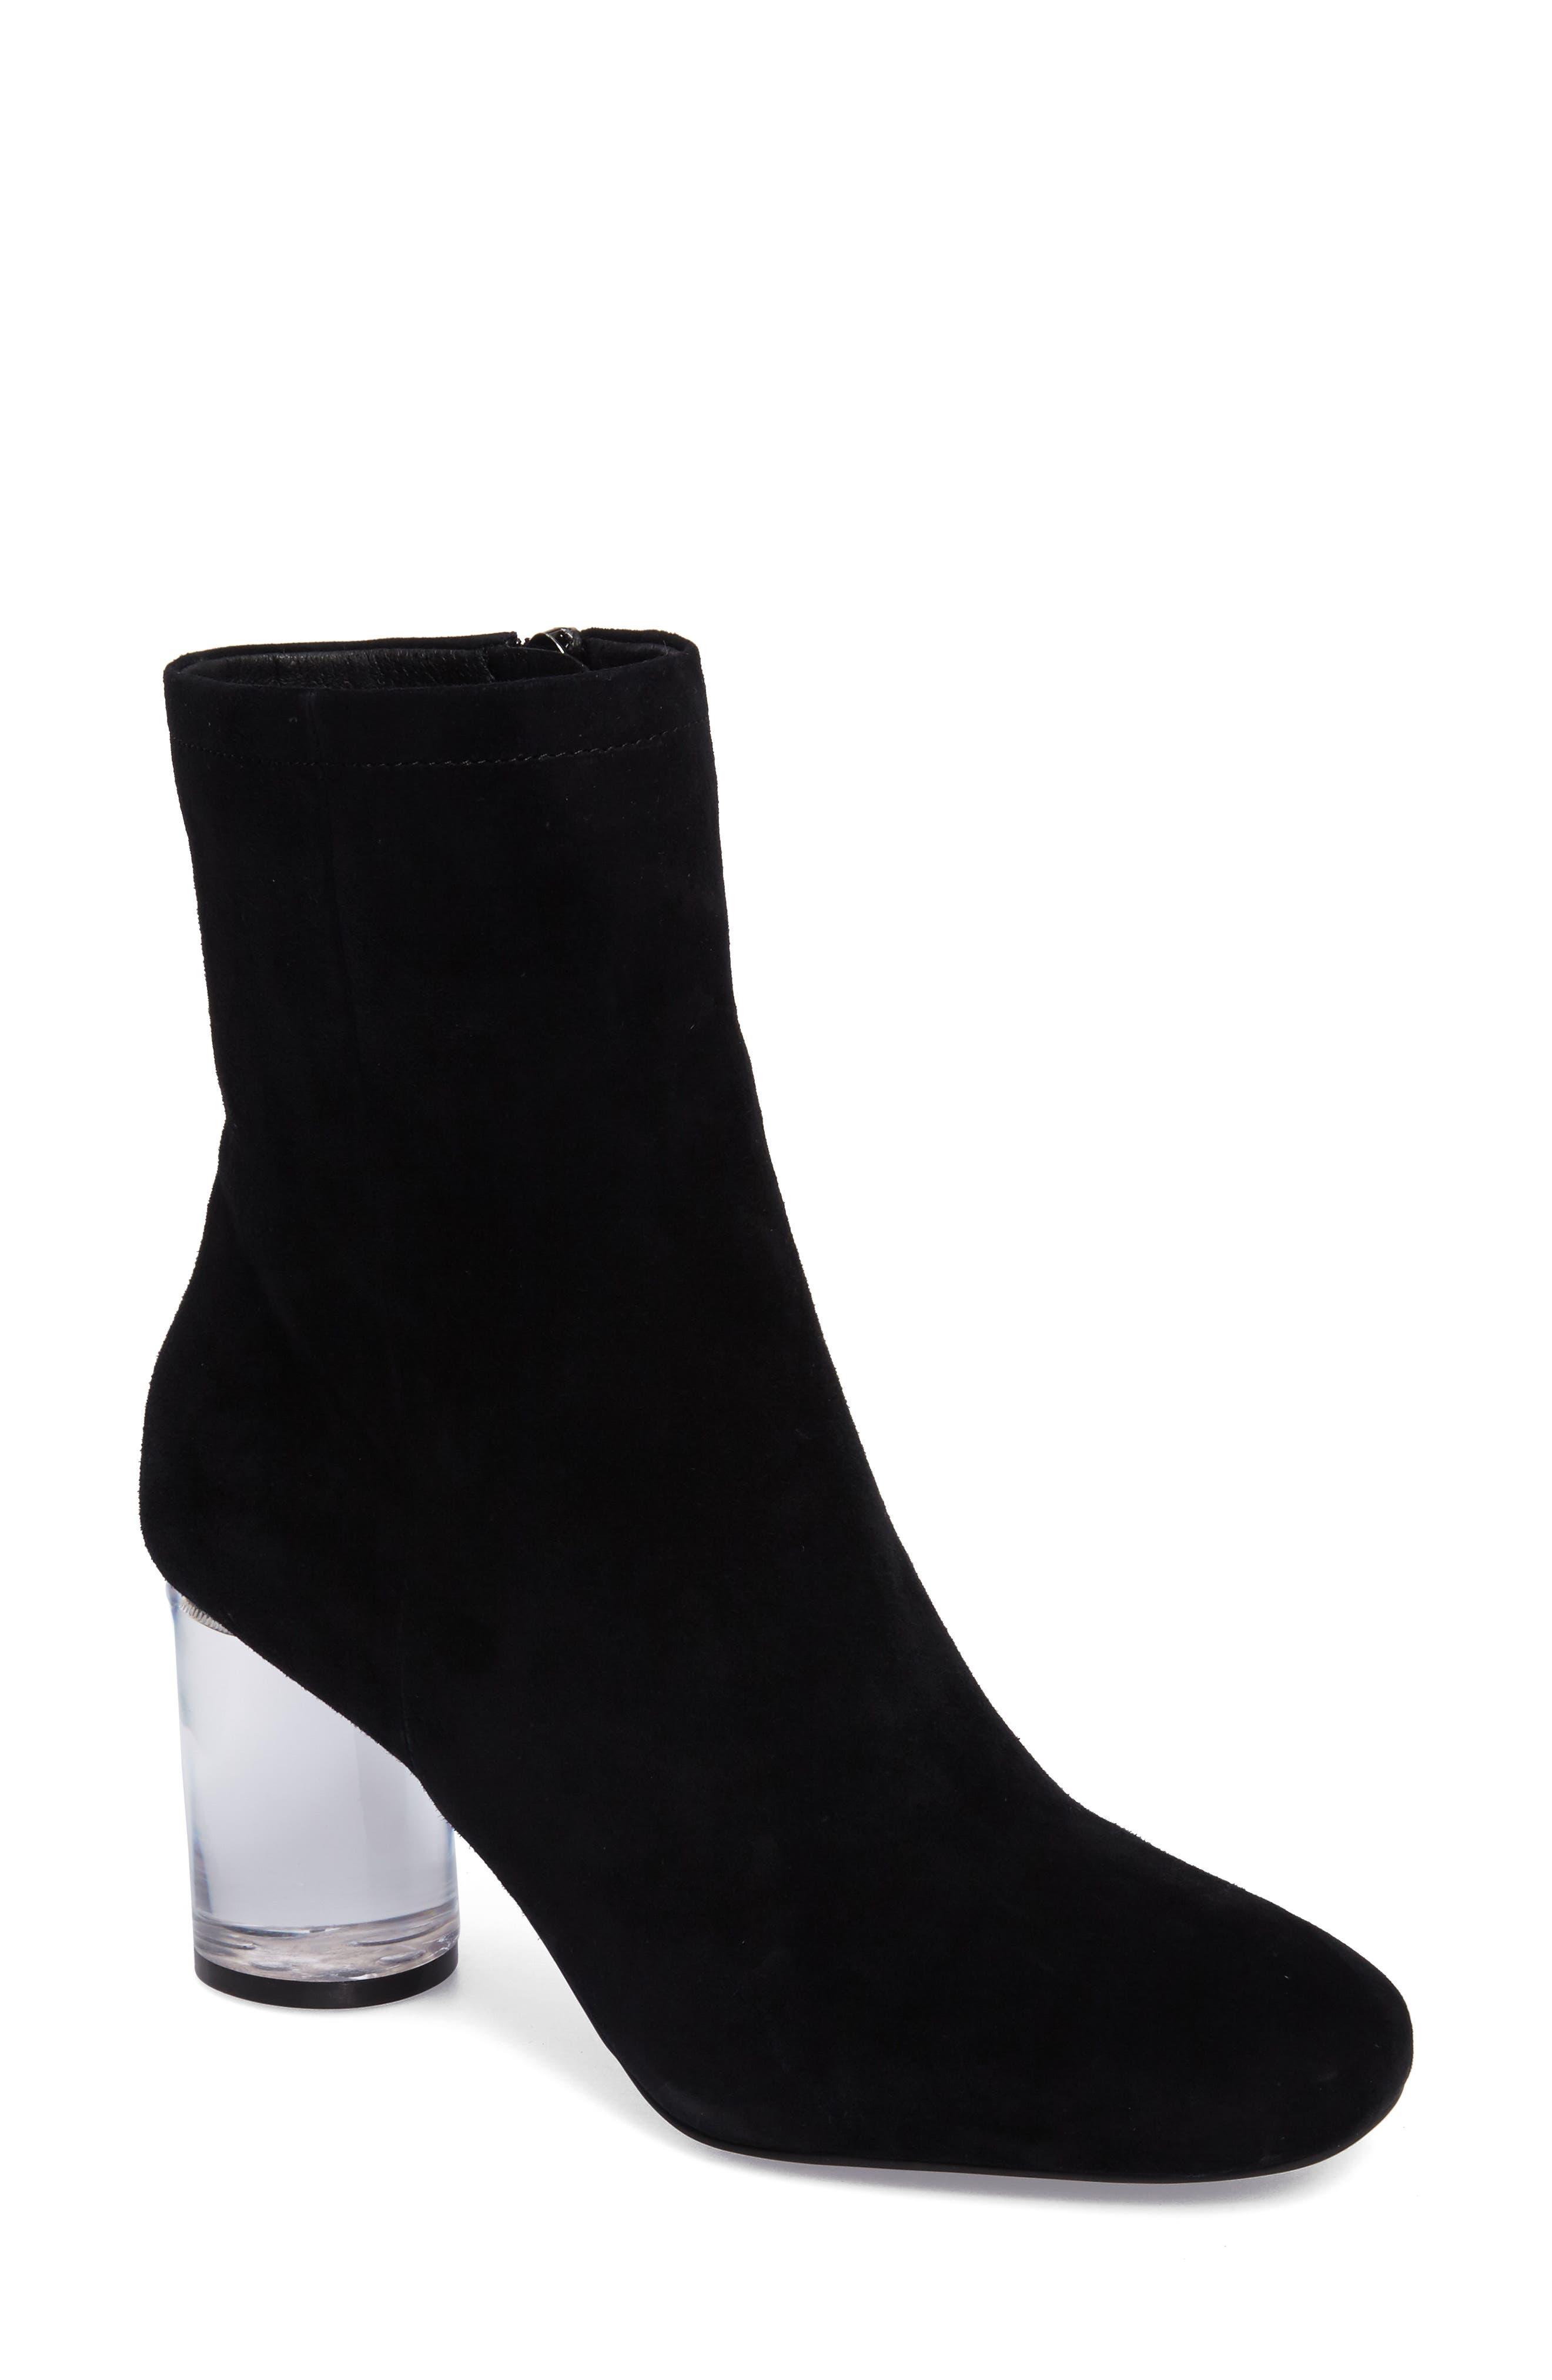 Merta Column Heel Bootie, Main, color, 001